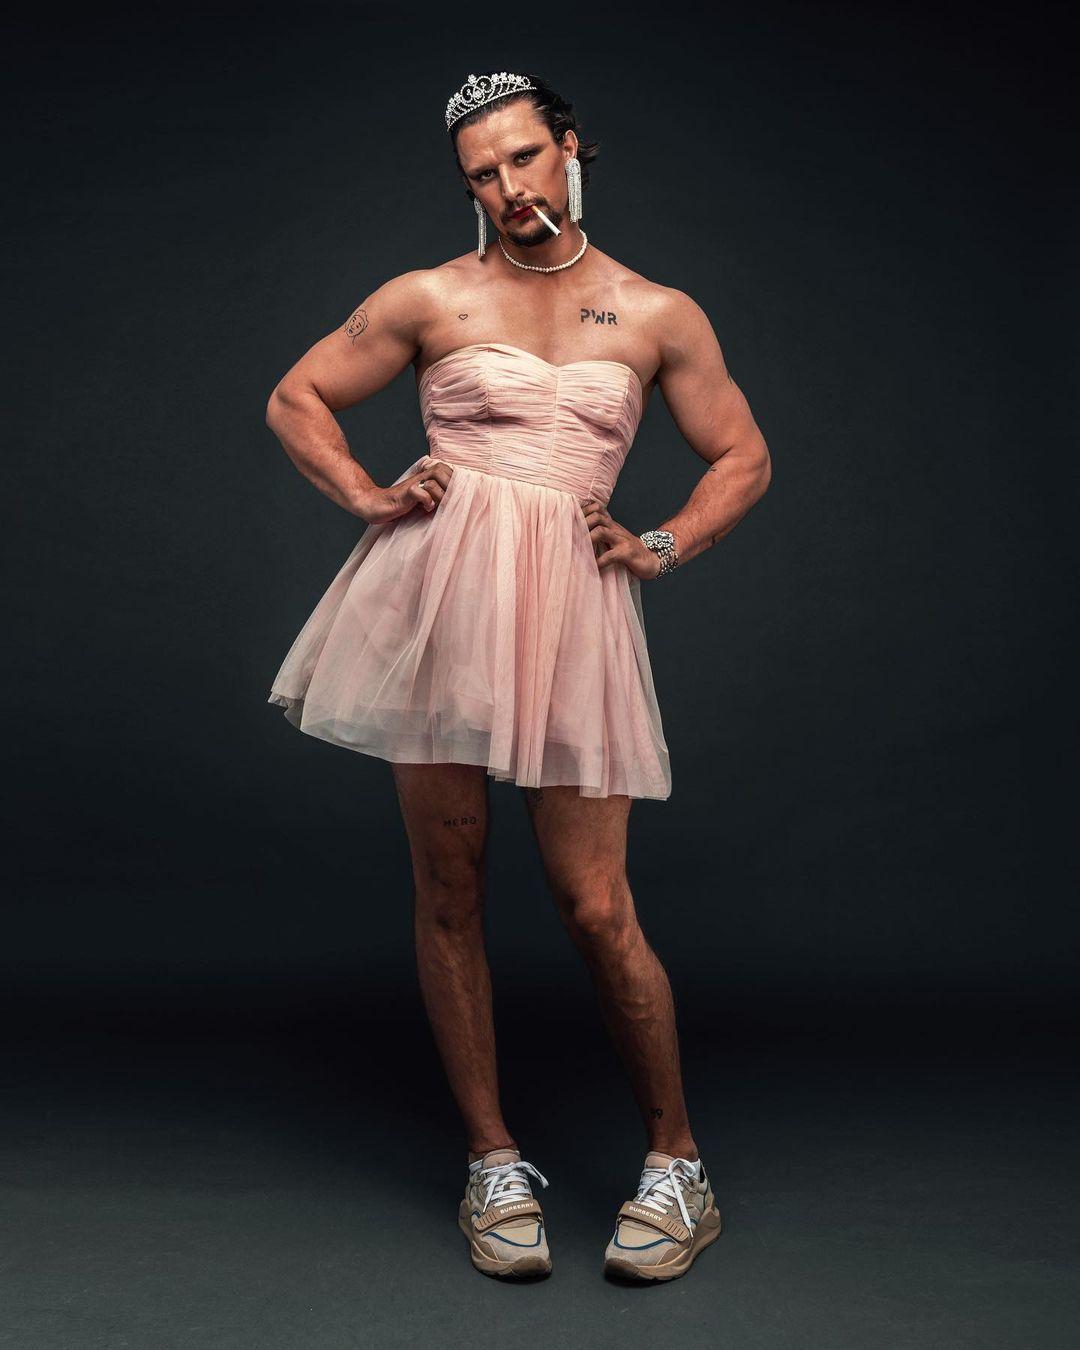 тарас цымбалюк крепостная в платье стильная эпатажная фотосессия